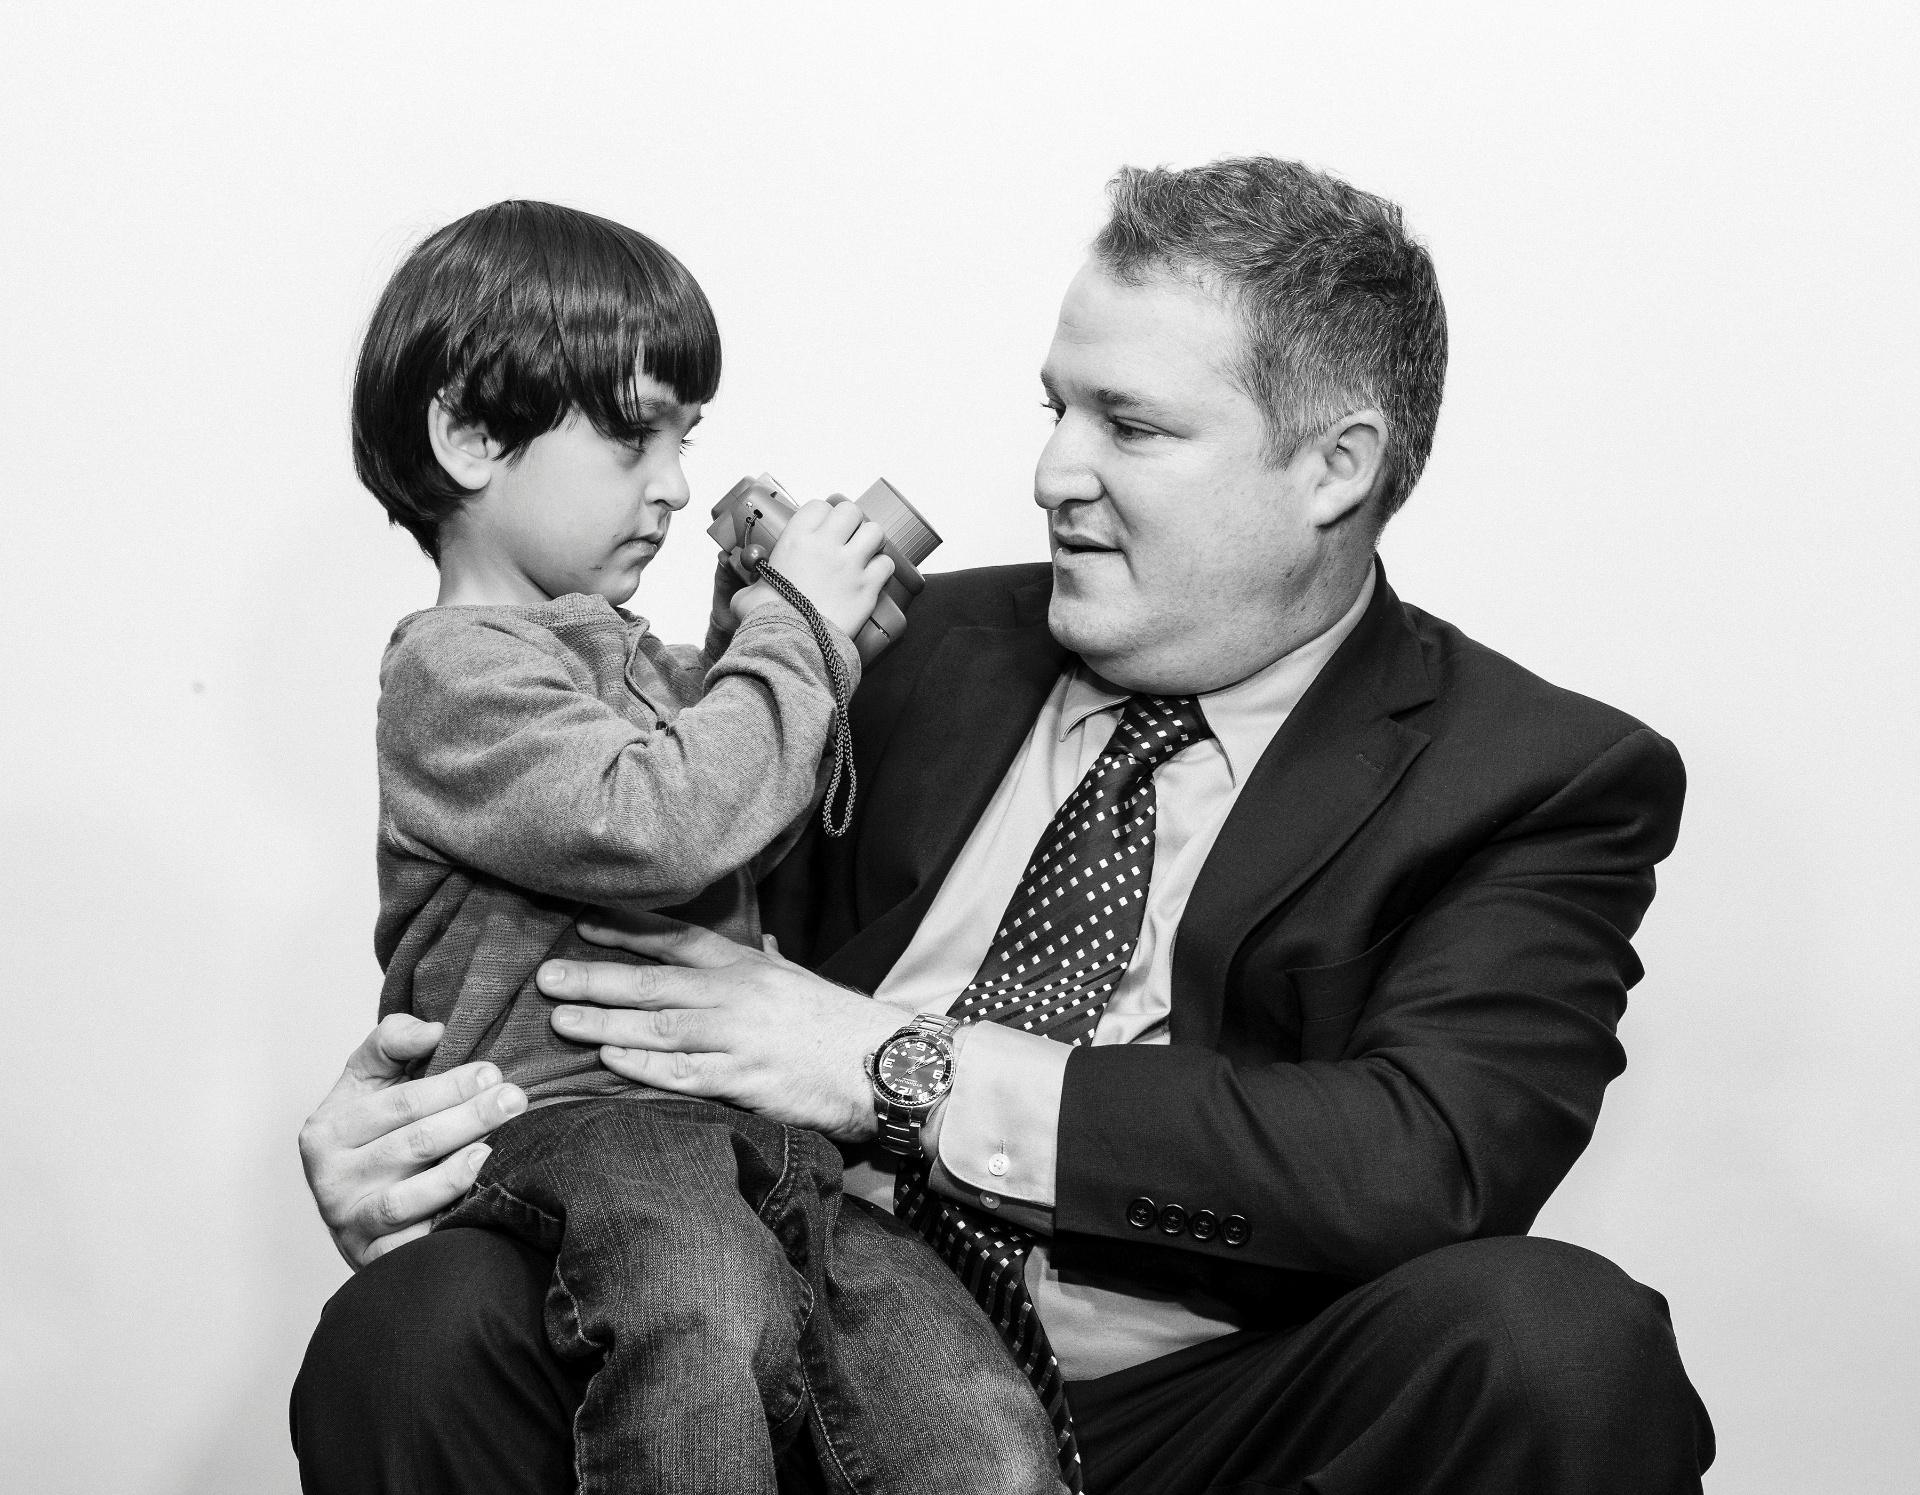 21.mai.2016 - Ahmad Mohammad, um dos filhos de Abdullah e Eman Mohammad, que fugiram da Síria, com Mark Blumberg, em Toronto